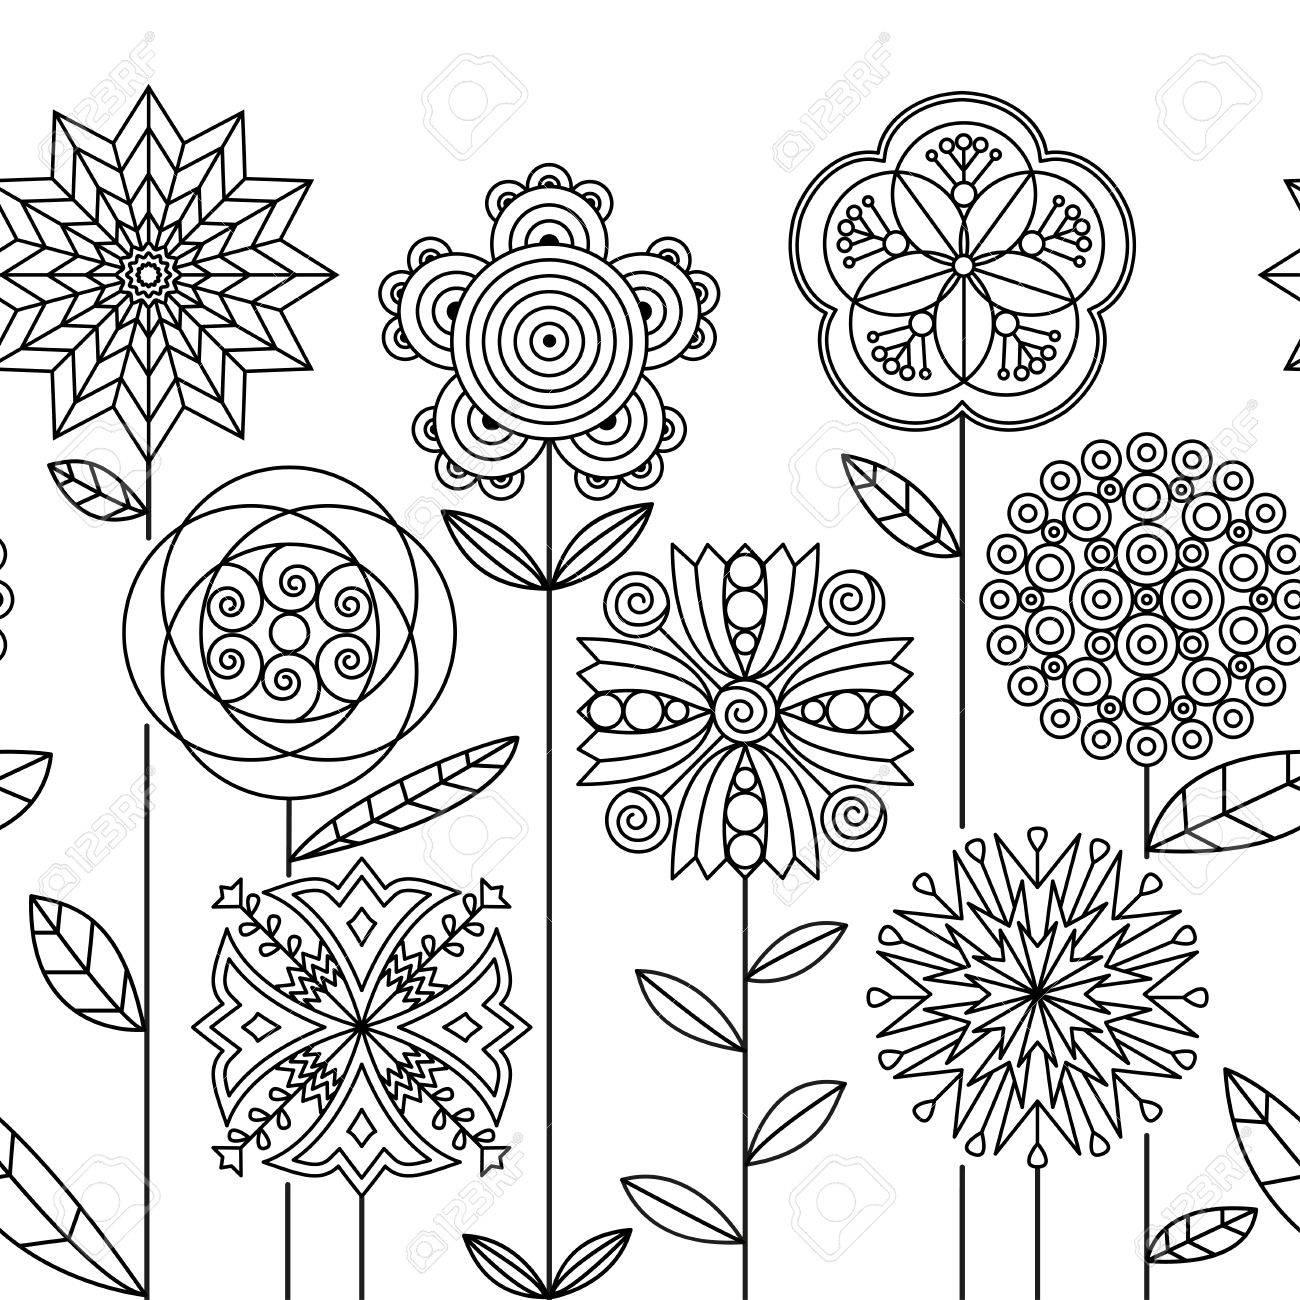 Doodle De Seamless Patrón De La Frontera Botánico. Las Páginas Del ...